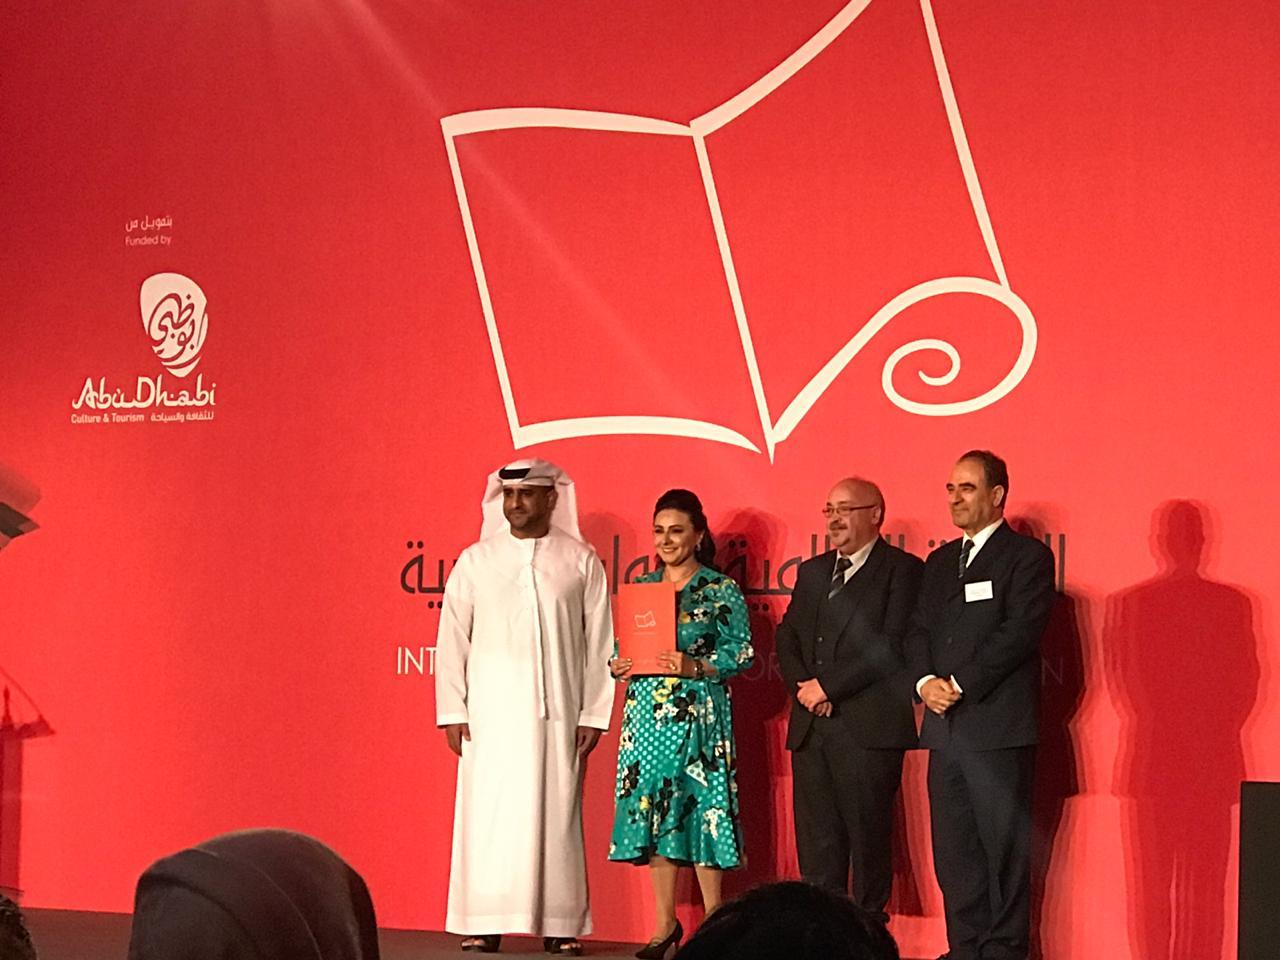 تكريم شهلا العجيلي لوصول روايتها صيف مع العدو للقائمة القصيرة لجائزة البوكر